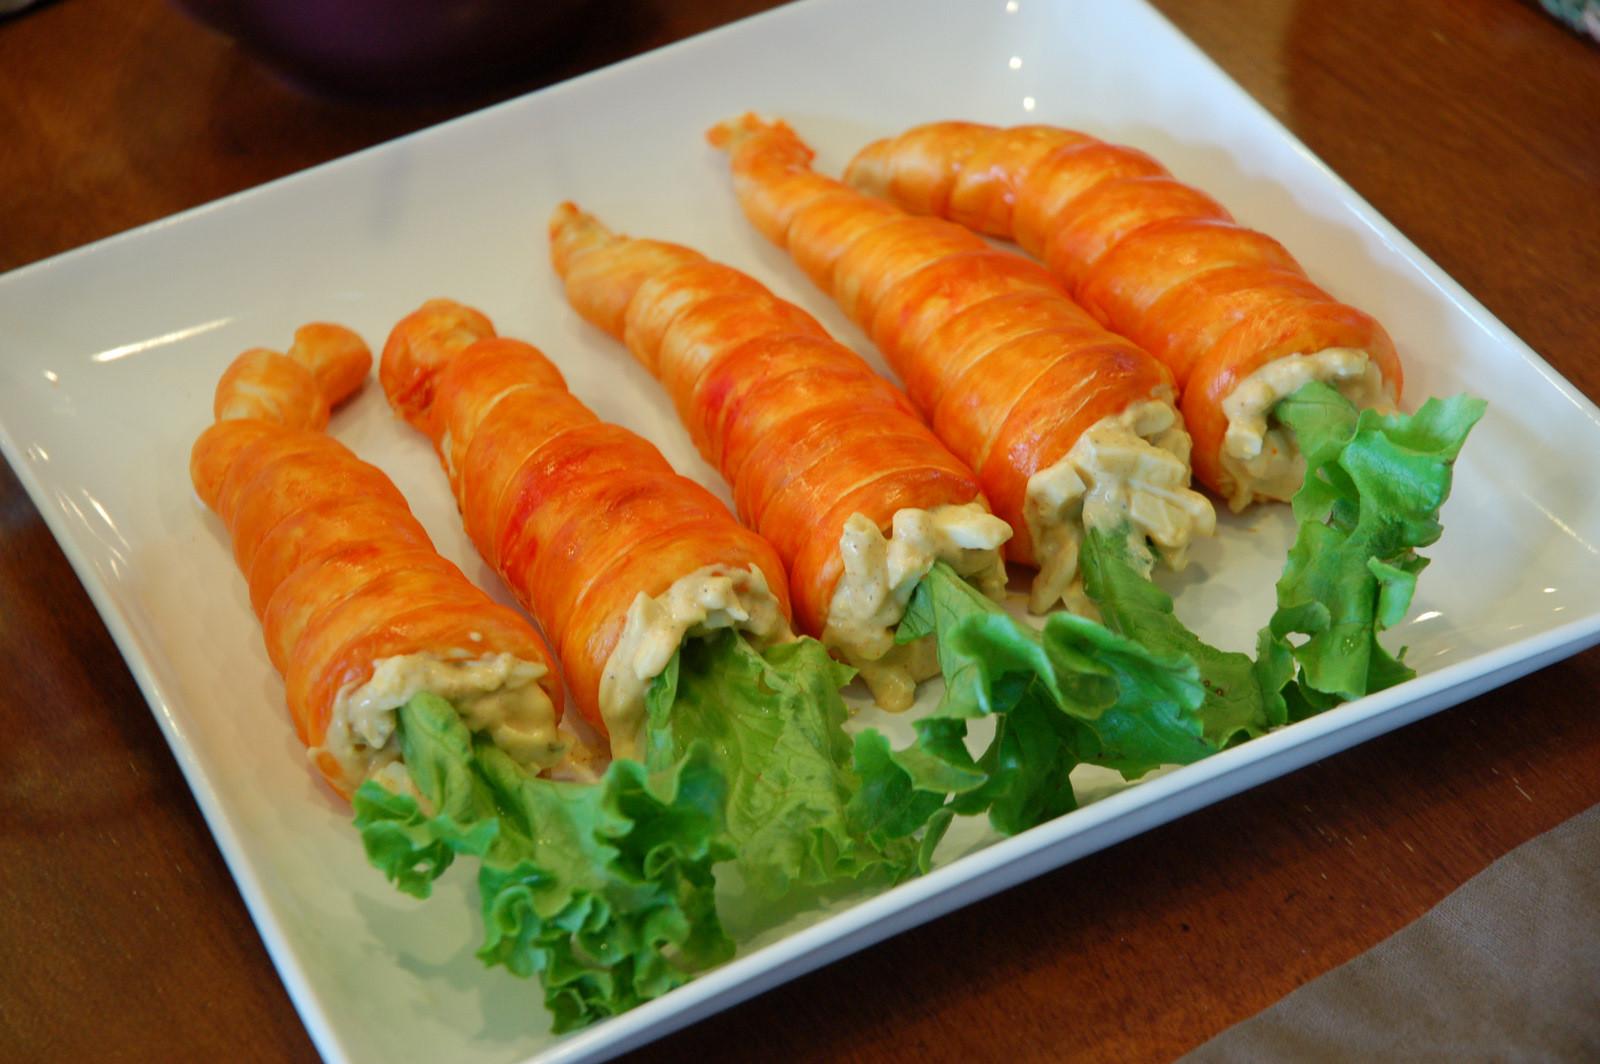 Easter Dinner Meat Ideas  restlessrisa Easter Dinner Carrot Rolls & Resurrection Rolls